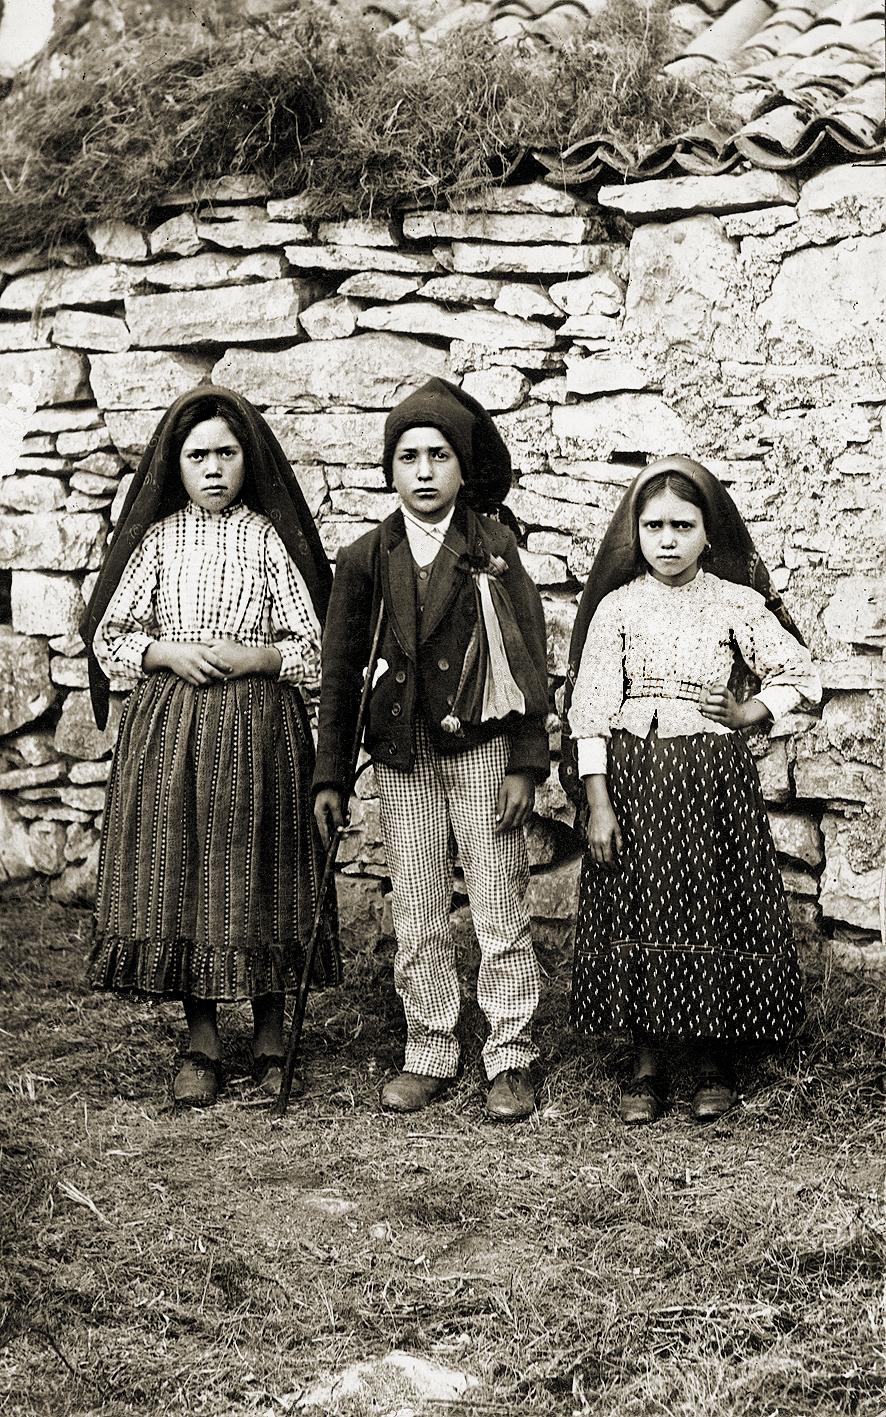 Les enfants qui ont vu la vierge de Fatima, Portugal